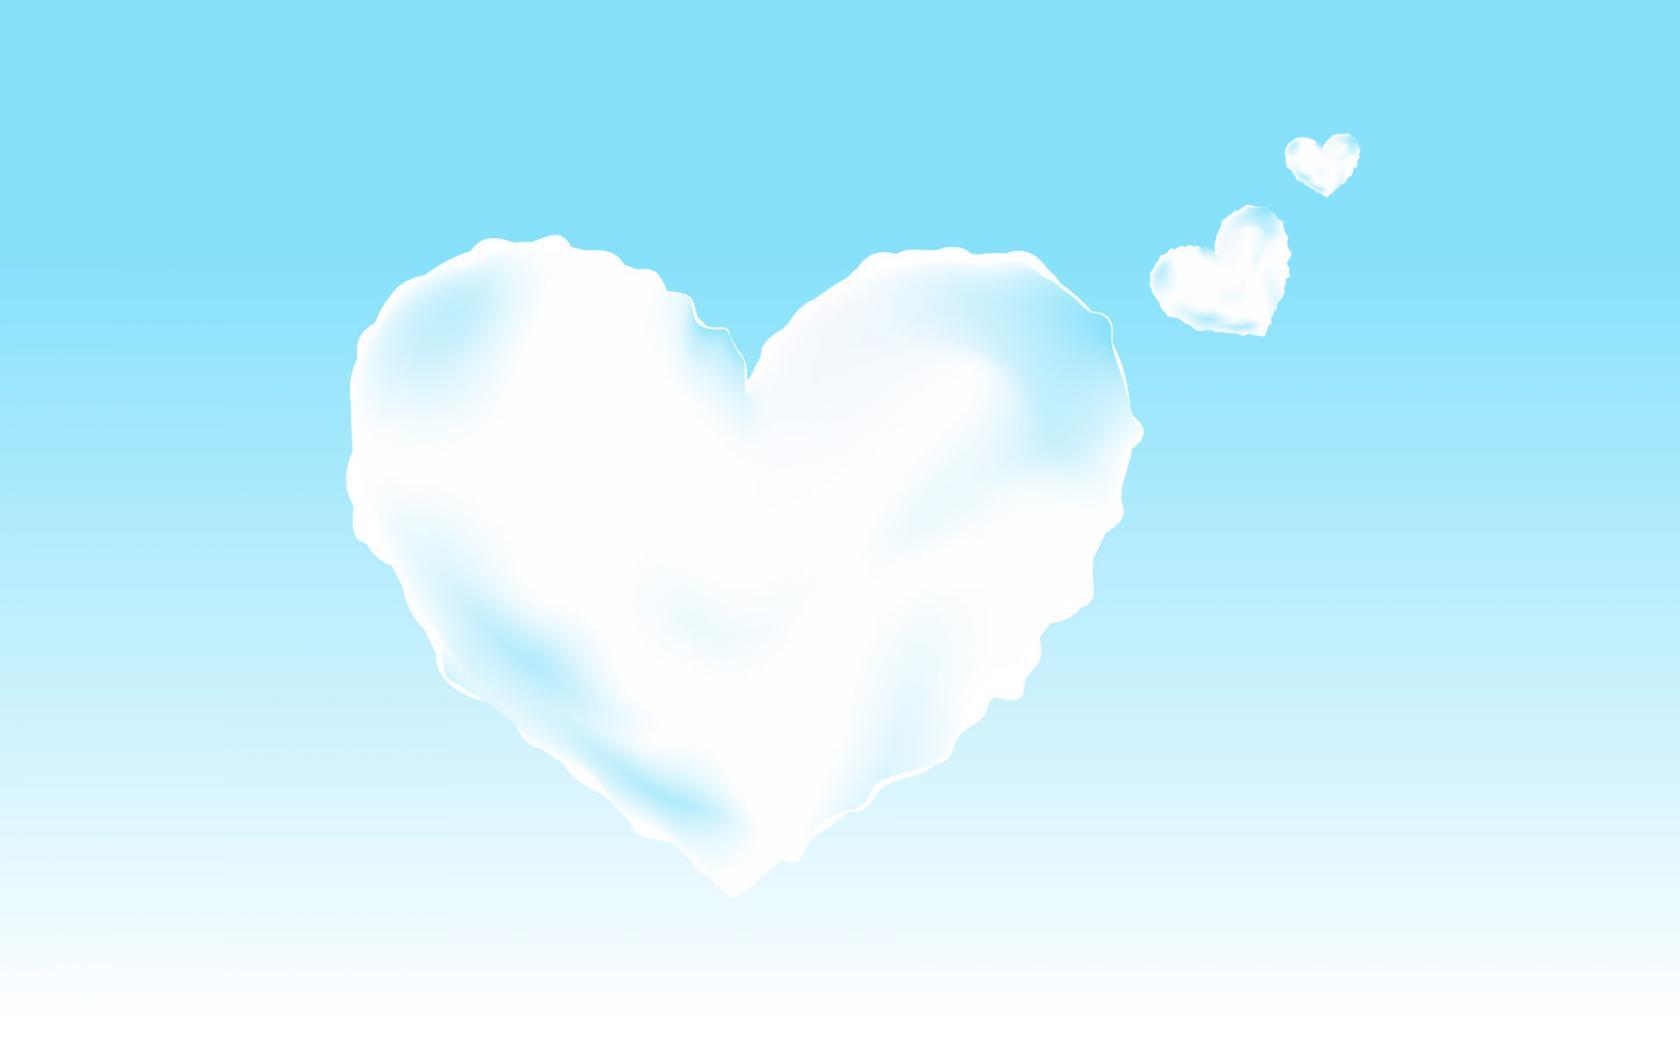 сердце-облако, скачать фото, обои на рабочий стол